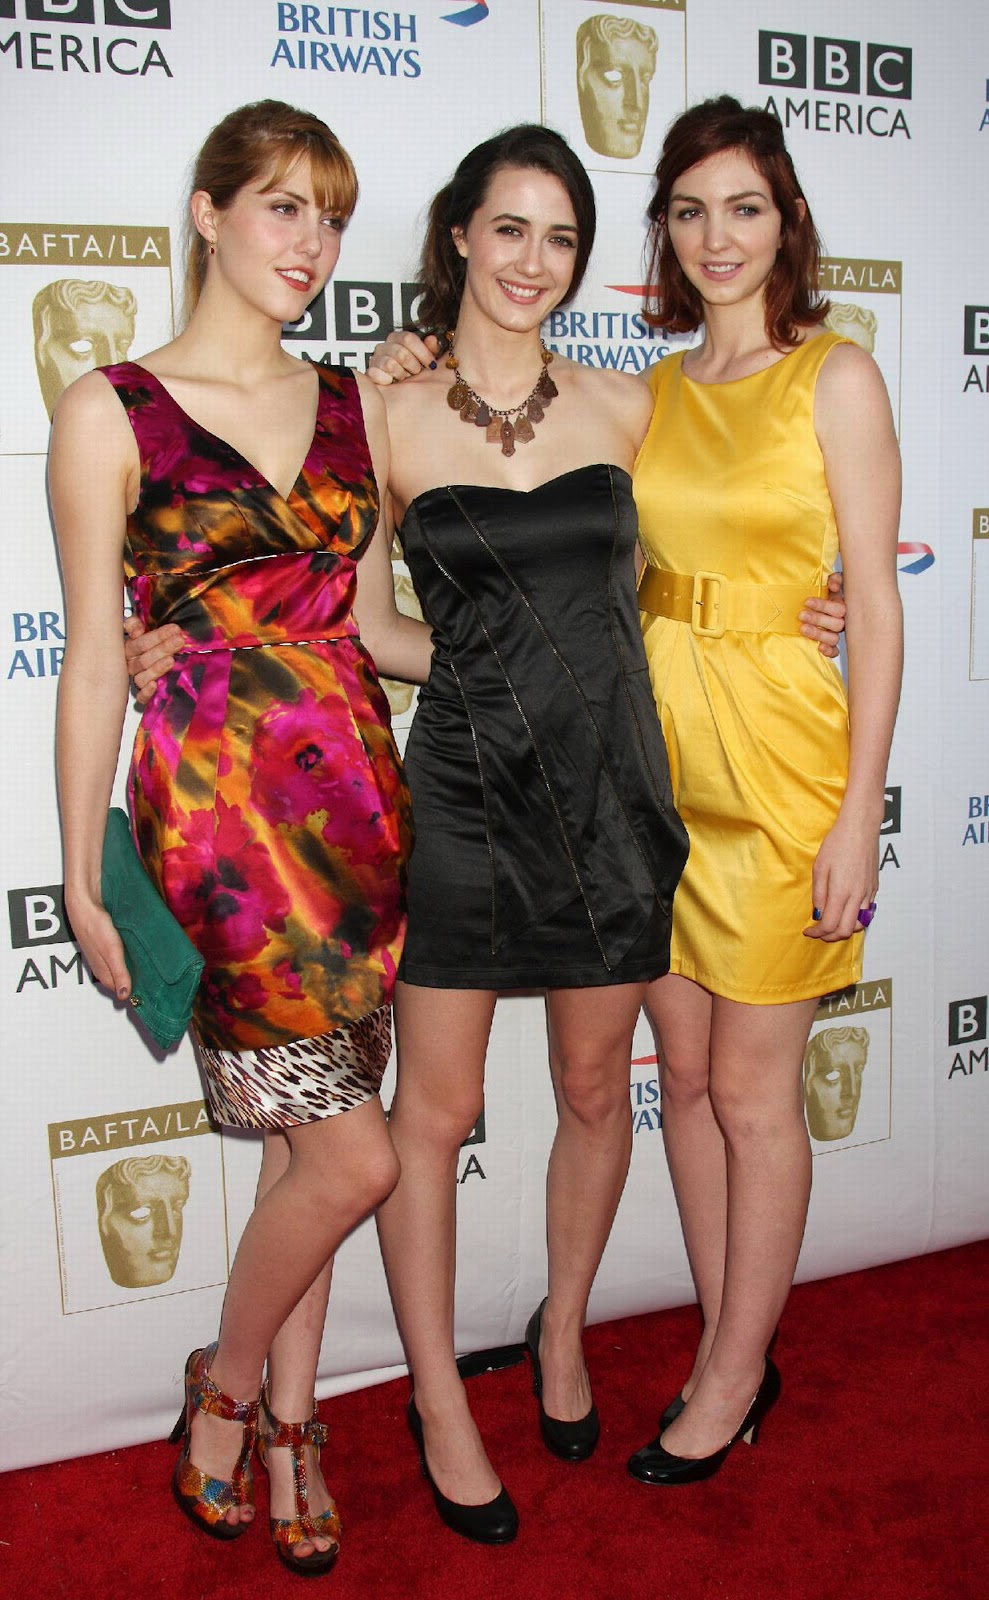 http://1.bp.blogspot.com/-2KdOgb8hj_Y/UFVK9IsZA-I/AAAAAAAADHM/-v9-iKUgfas/s1600/01298_Madeline_Zima_BAFTA.jpg